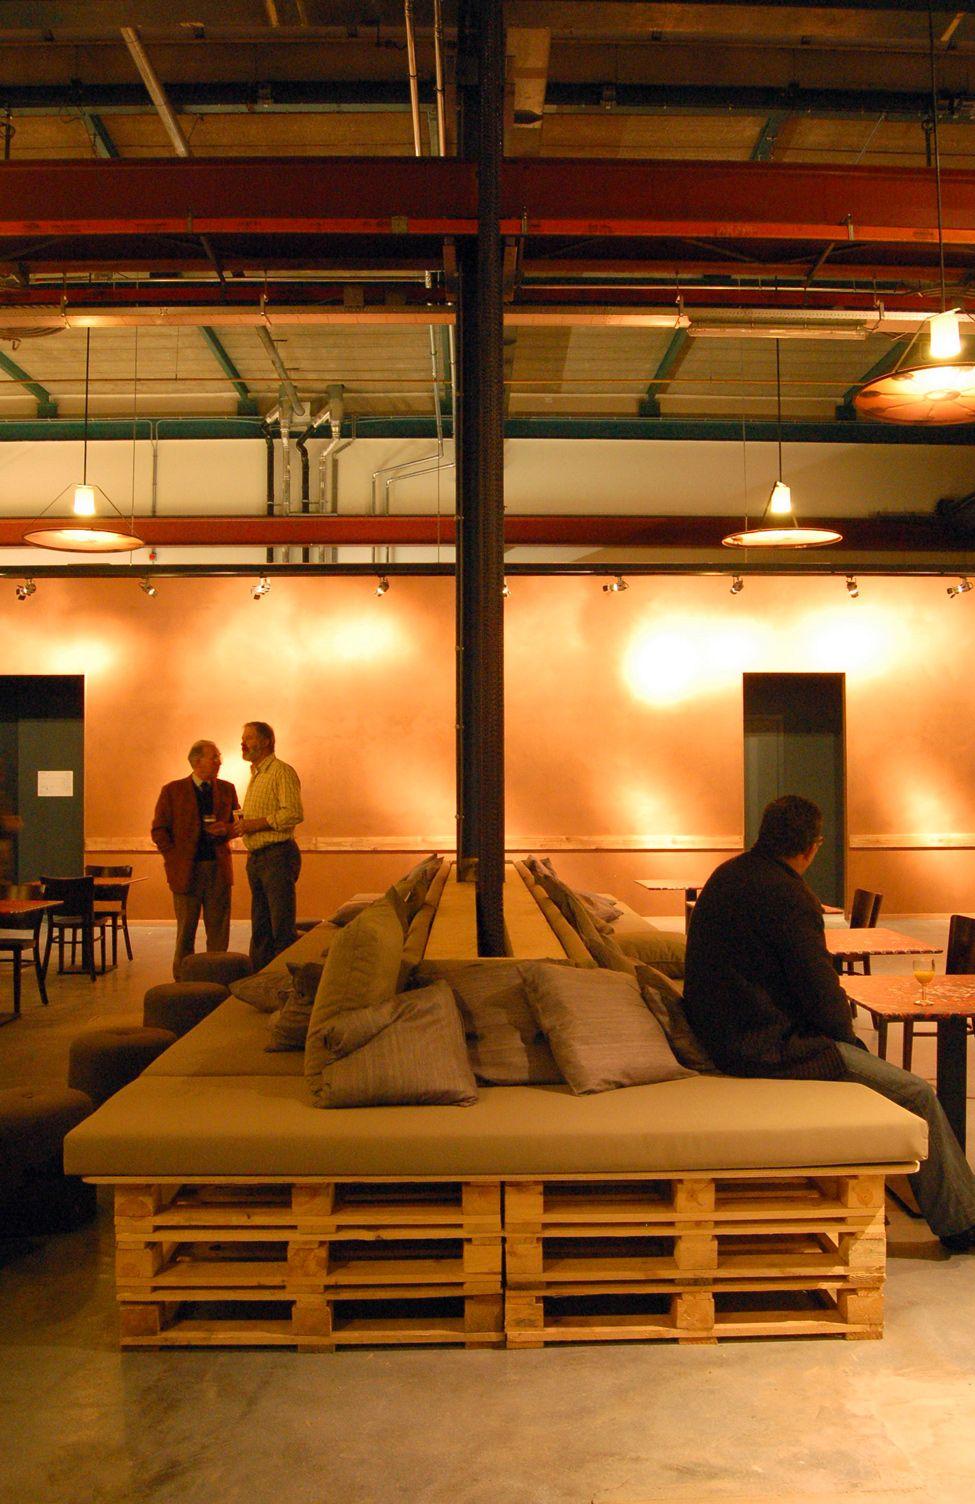 Muebles de palets restaurante en amsterdam amueblado con for Muebles restaurante